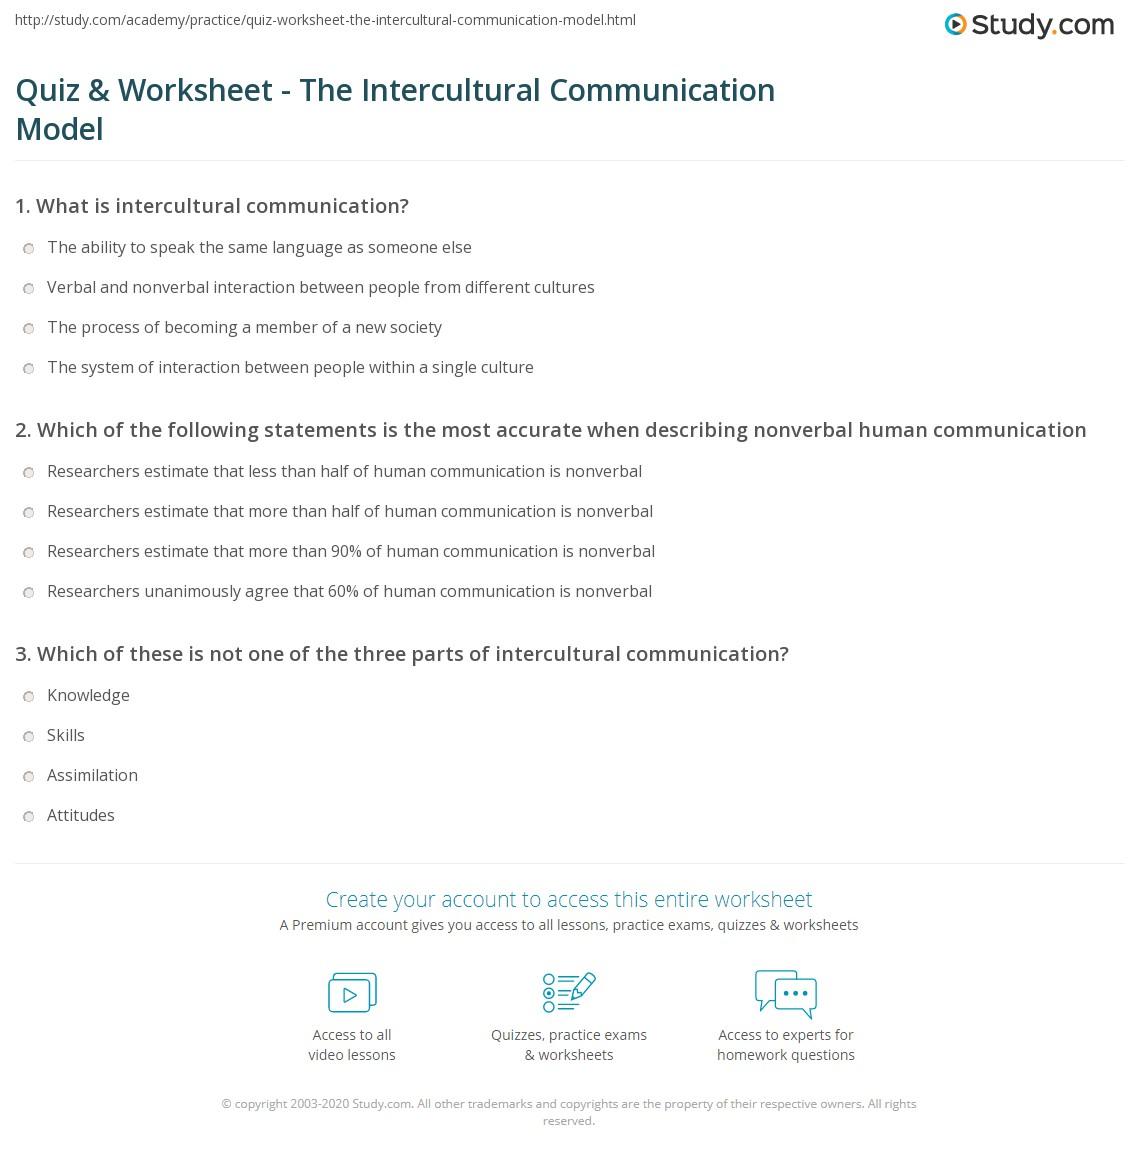 Quiz & Worksheet - The Intercultural Communication Model | Study.com